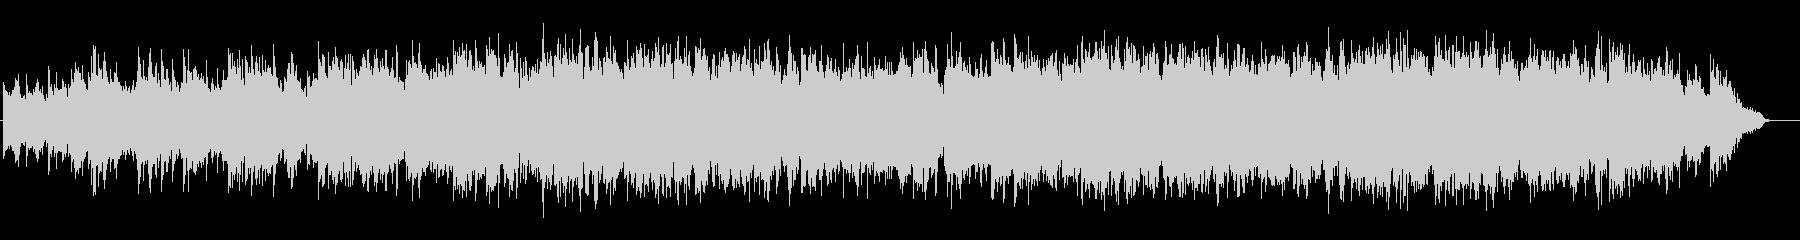 感傷的なピアノバラード(フルサイズ)の未再生の波形